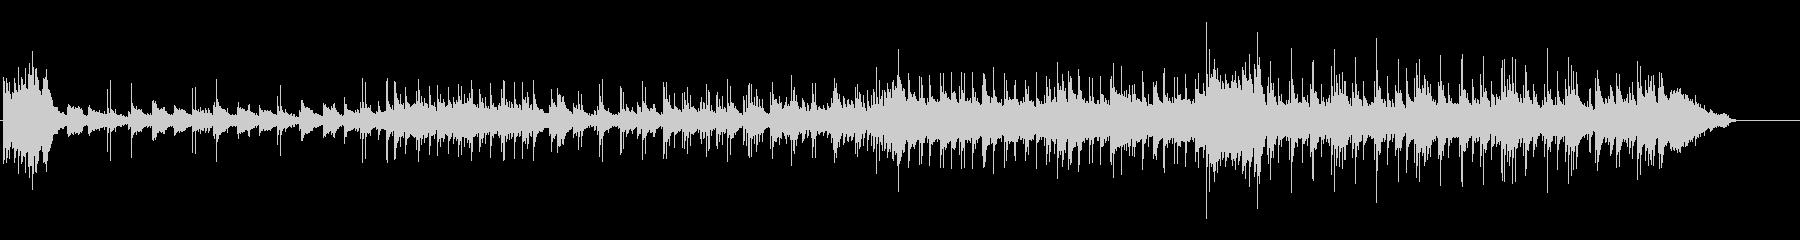 洒落た都会的センスのピアノ・バラードの未再生の波形